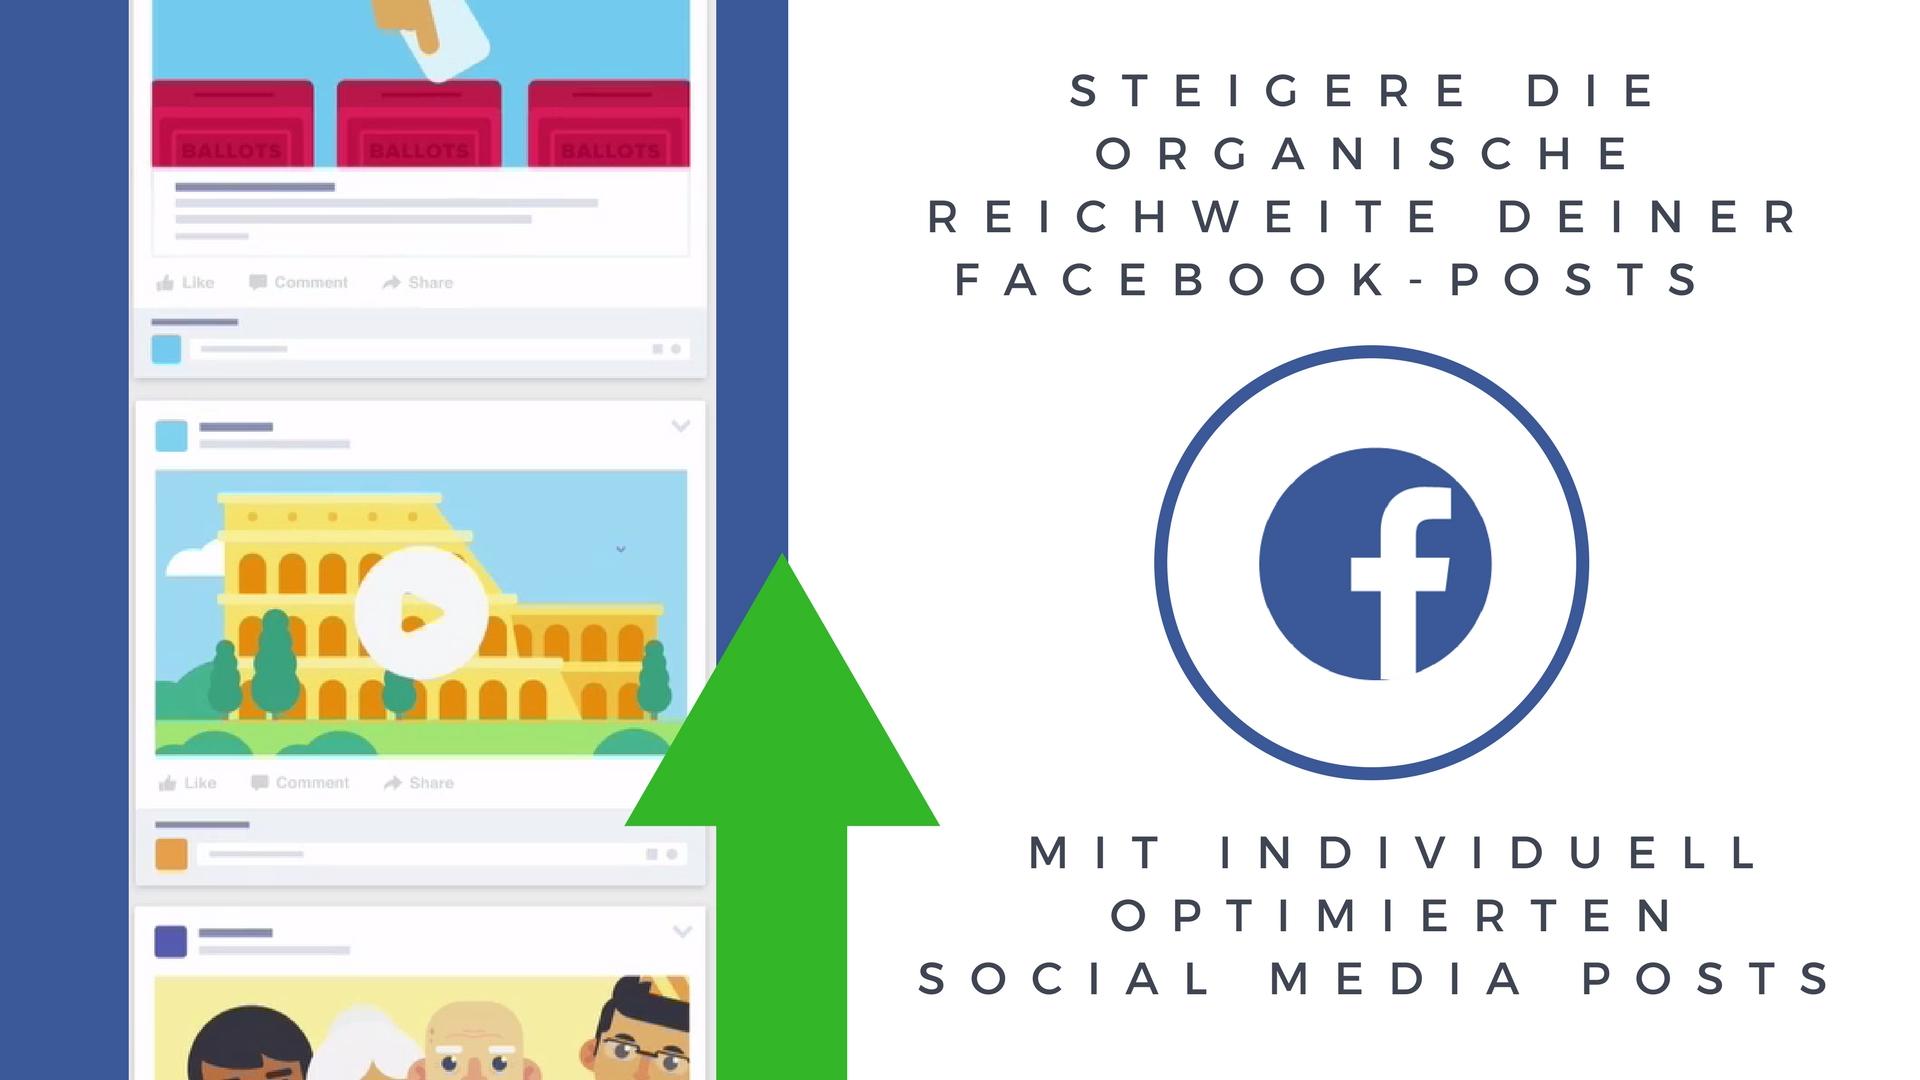 Steigere die organische Reichweite Deiner Facebook-Posts mit individuell optimierten Posts